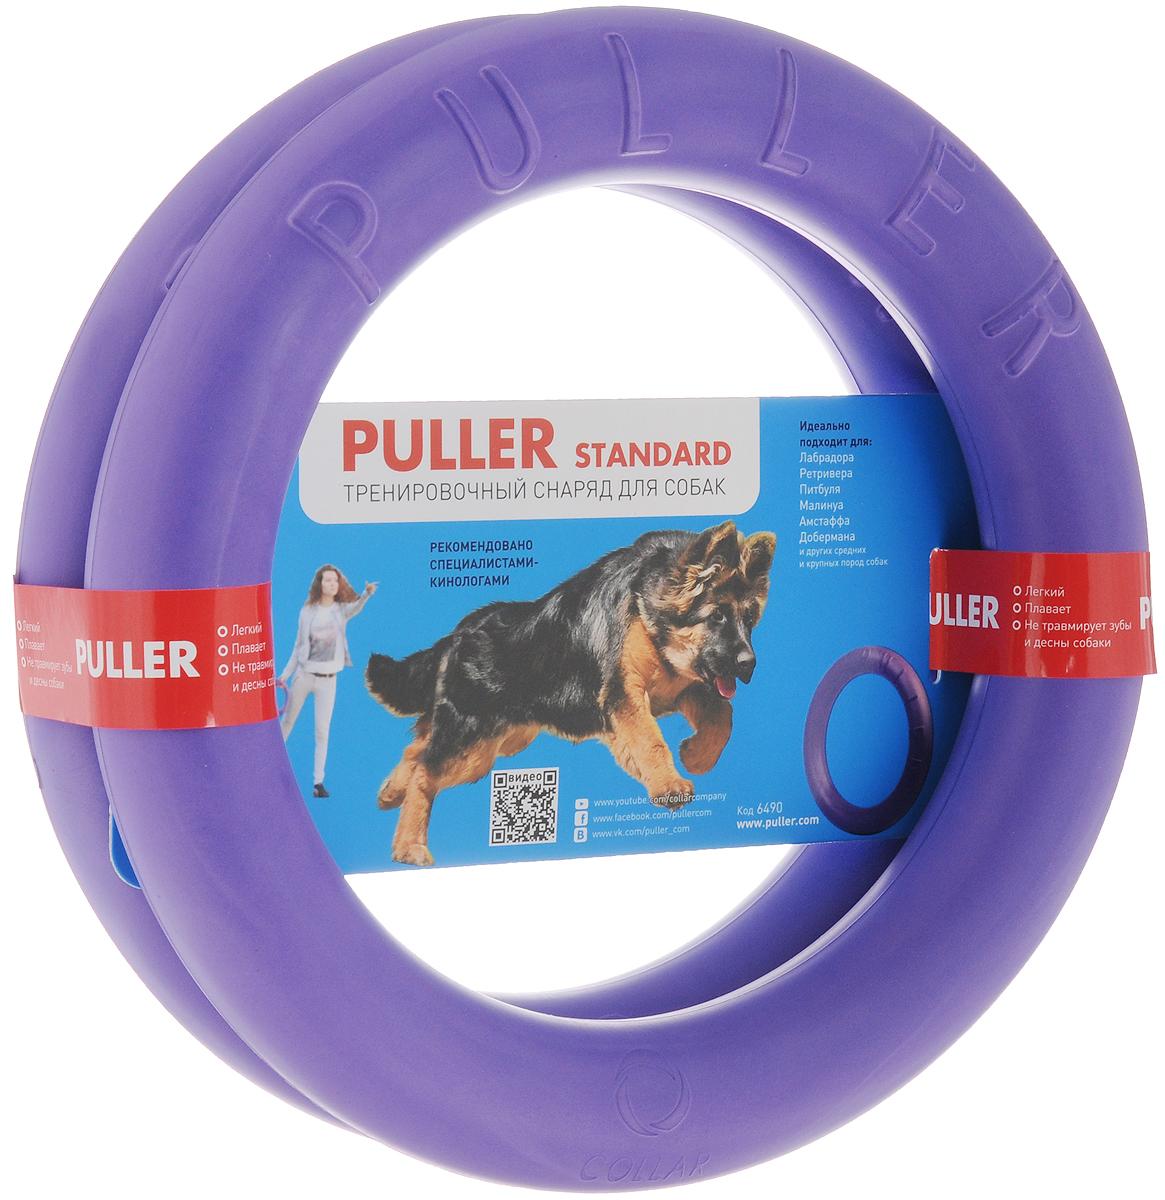 Фото - Снаряд тренировочный Puller Standard, цвет: фиолетовый, диаметр 27 см игрушка collar puller maxi тренировочный снаряд диаметр 30см для собак средних и крупных пород 6492